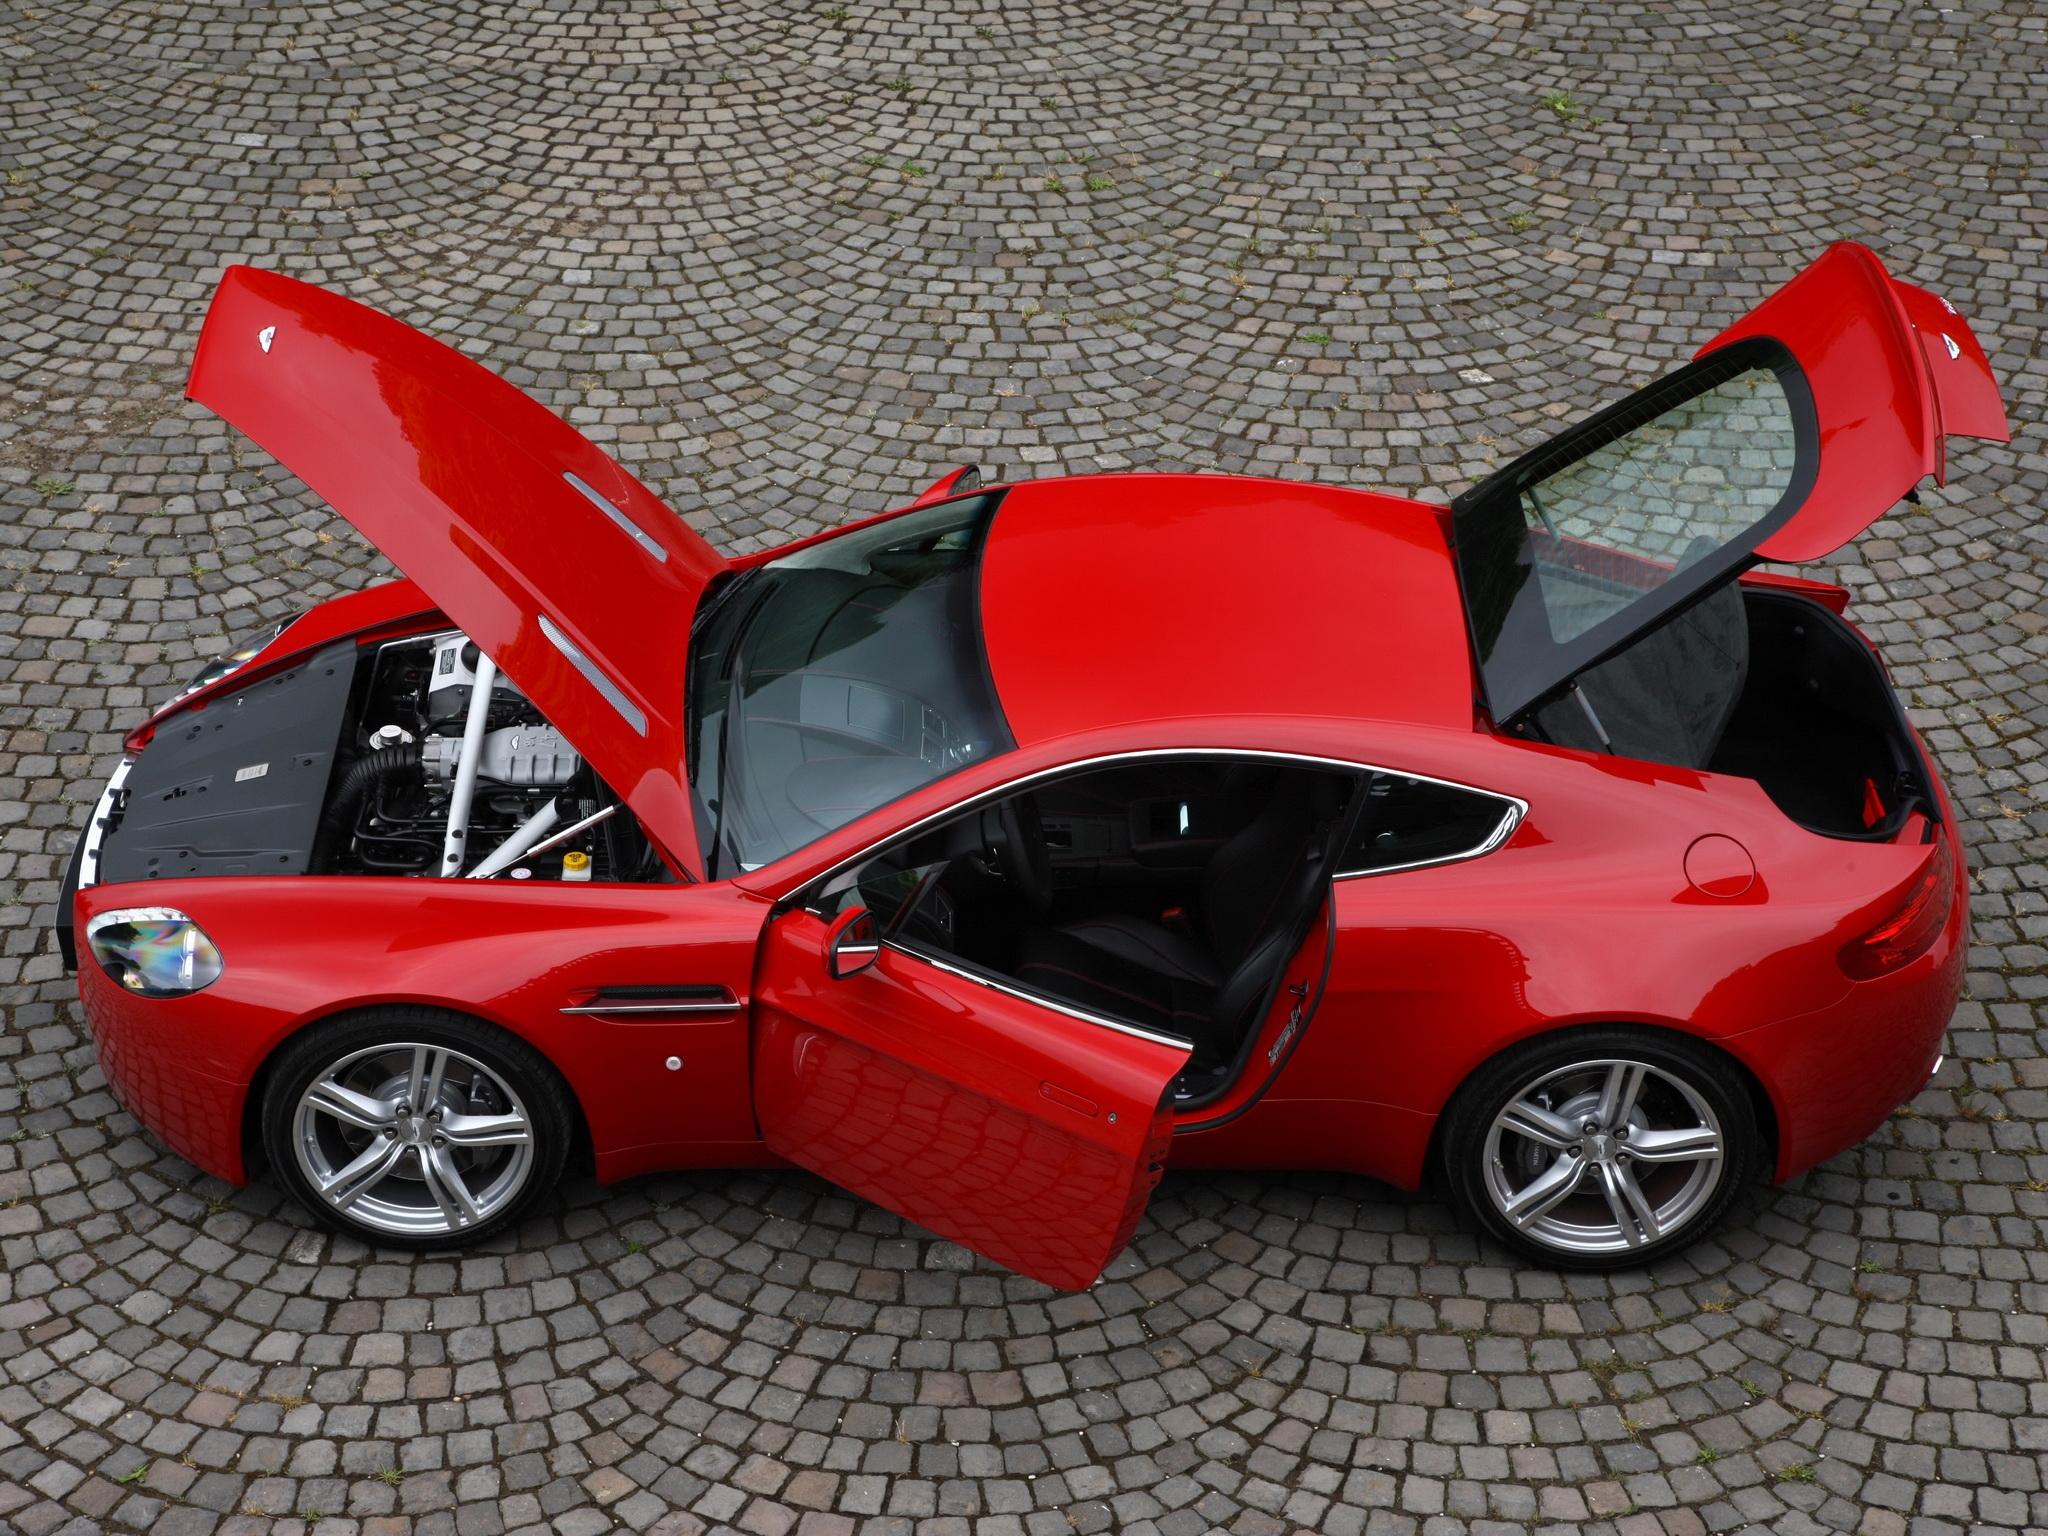 84441 скачать обои Машины, Астон Мартин (Aston Martin), Тачки (Cars), Вид Сверху, Красный, Стиль, 2008, V8, Vantage - заставки и картинки бесплатно